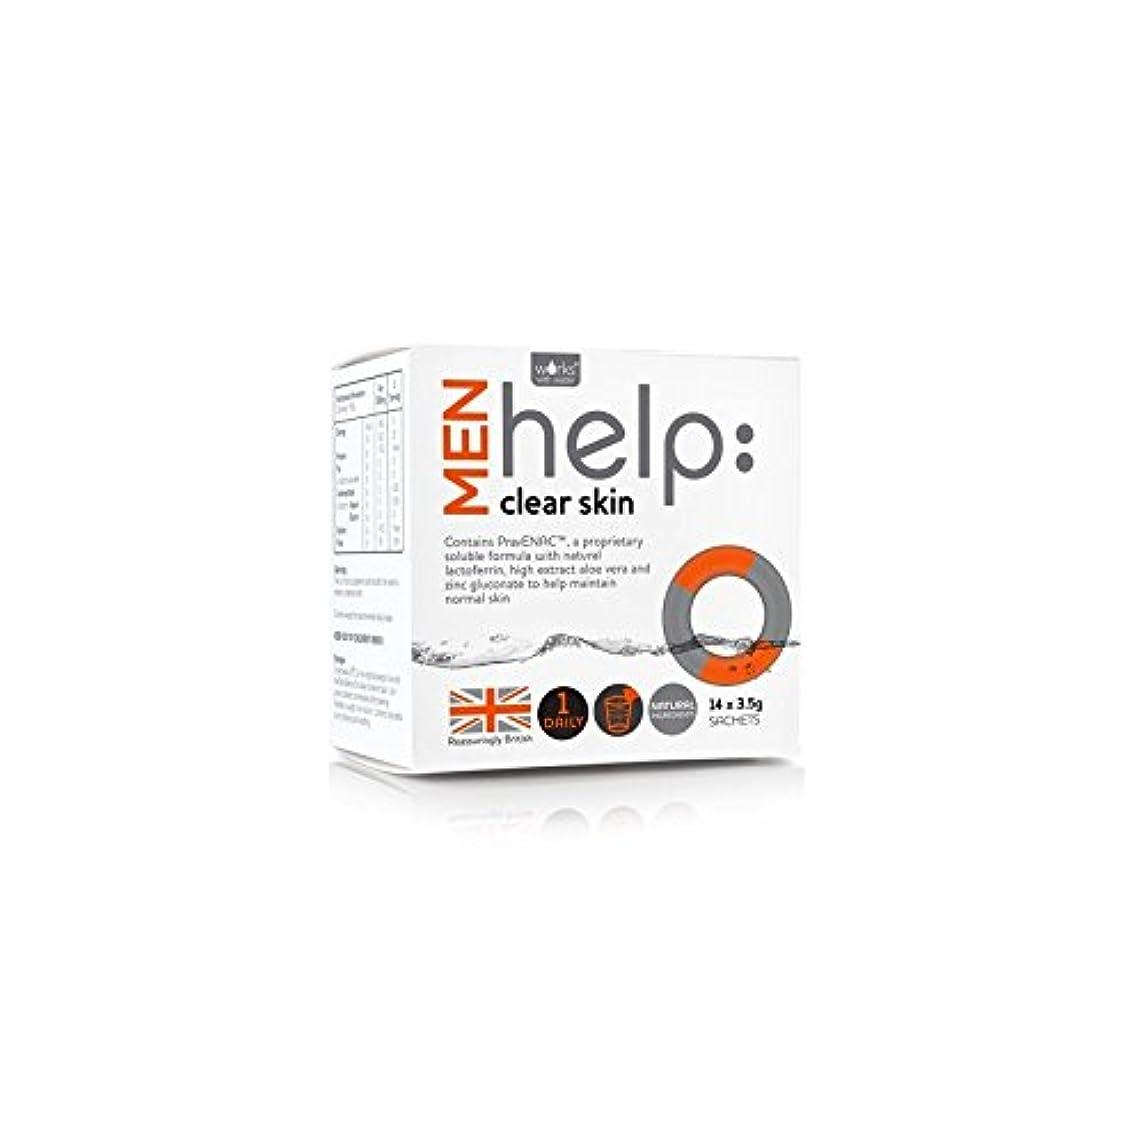 ずっとファームステートメントクリアな肌可溶性サプリメント(14 3.5グラム):水男性の助けを借りて動作します x4 - Works With Water Men's Help: Clear Skin Soluble Supplement (14...